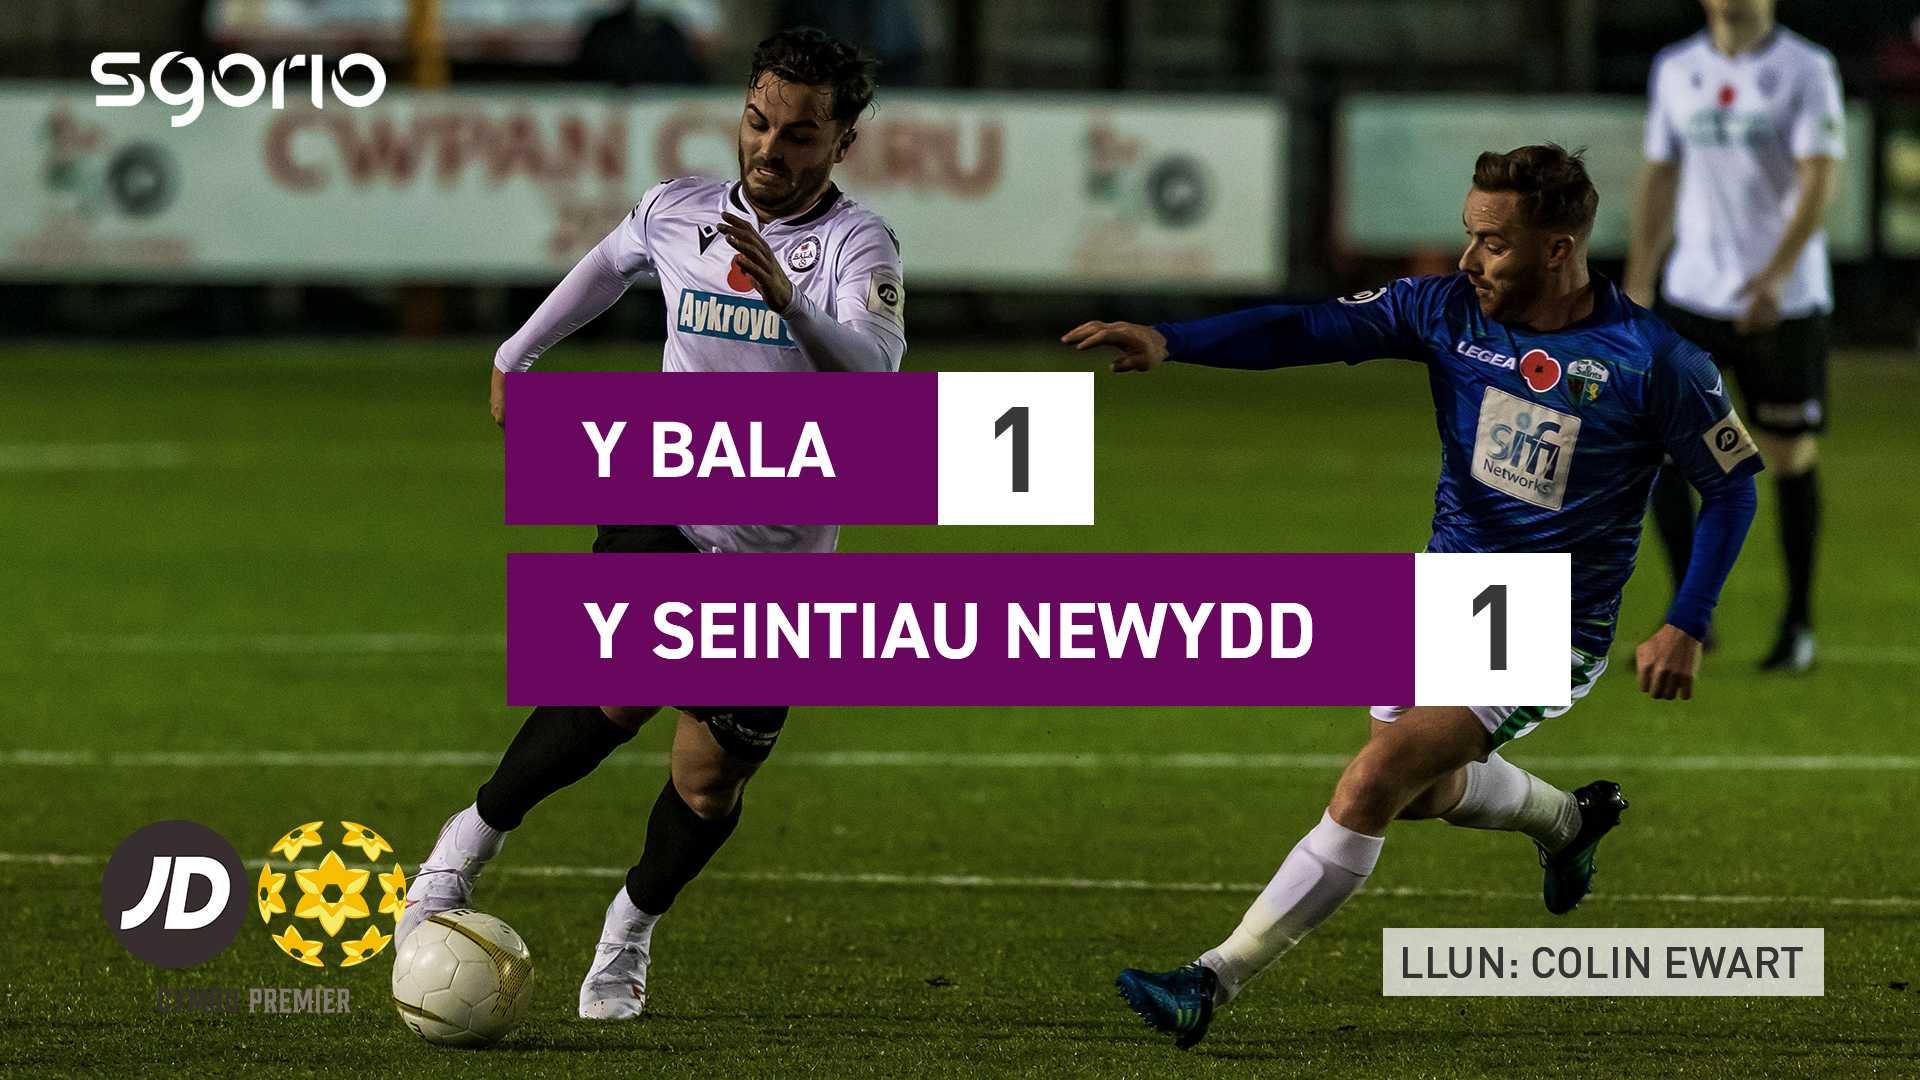 Y Bala 1-1 Y Seintiau Newydd